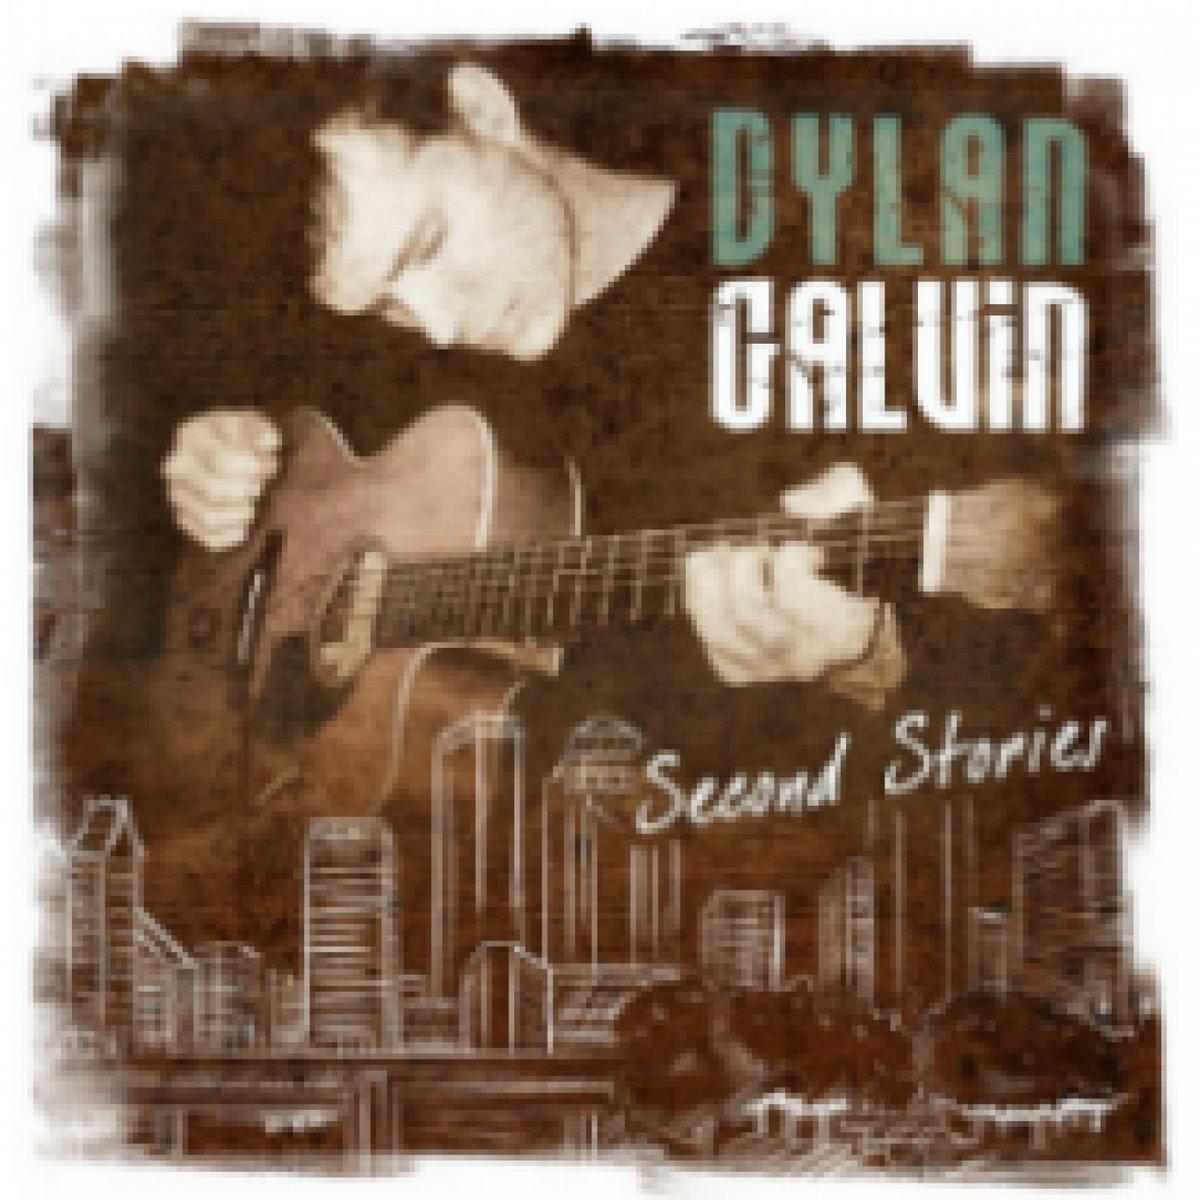 Mrs. Gardener | Dylan Galvin